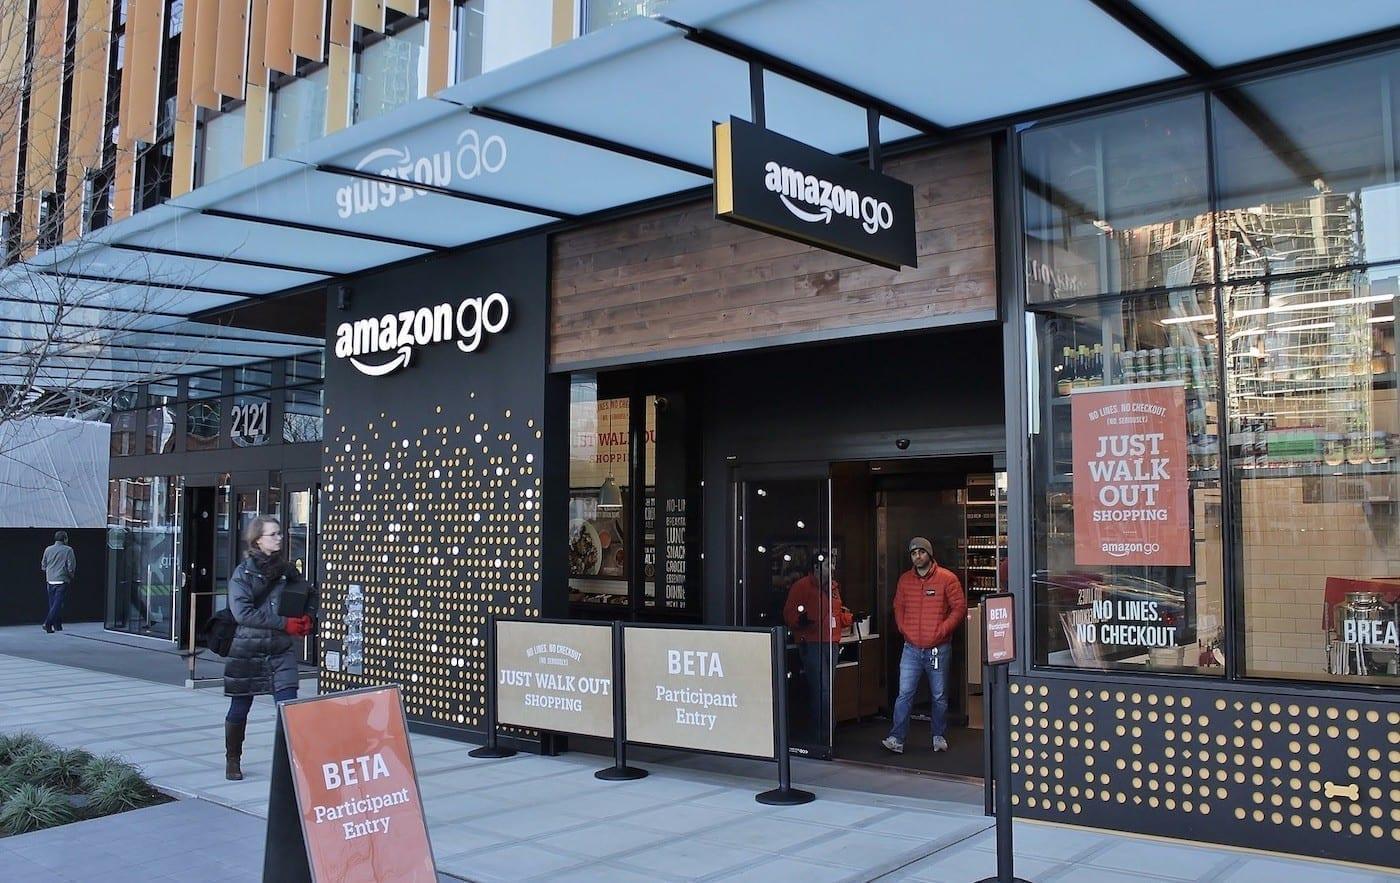 Amazon Go shop trial runs